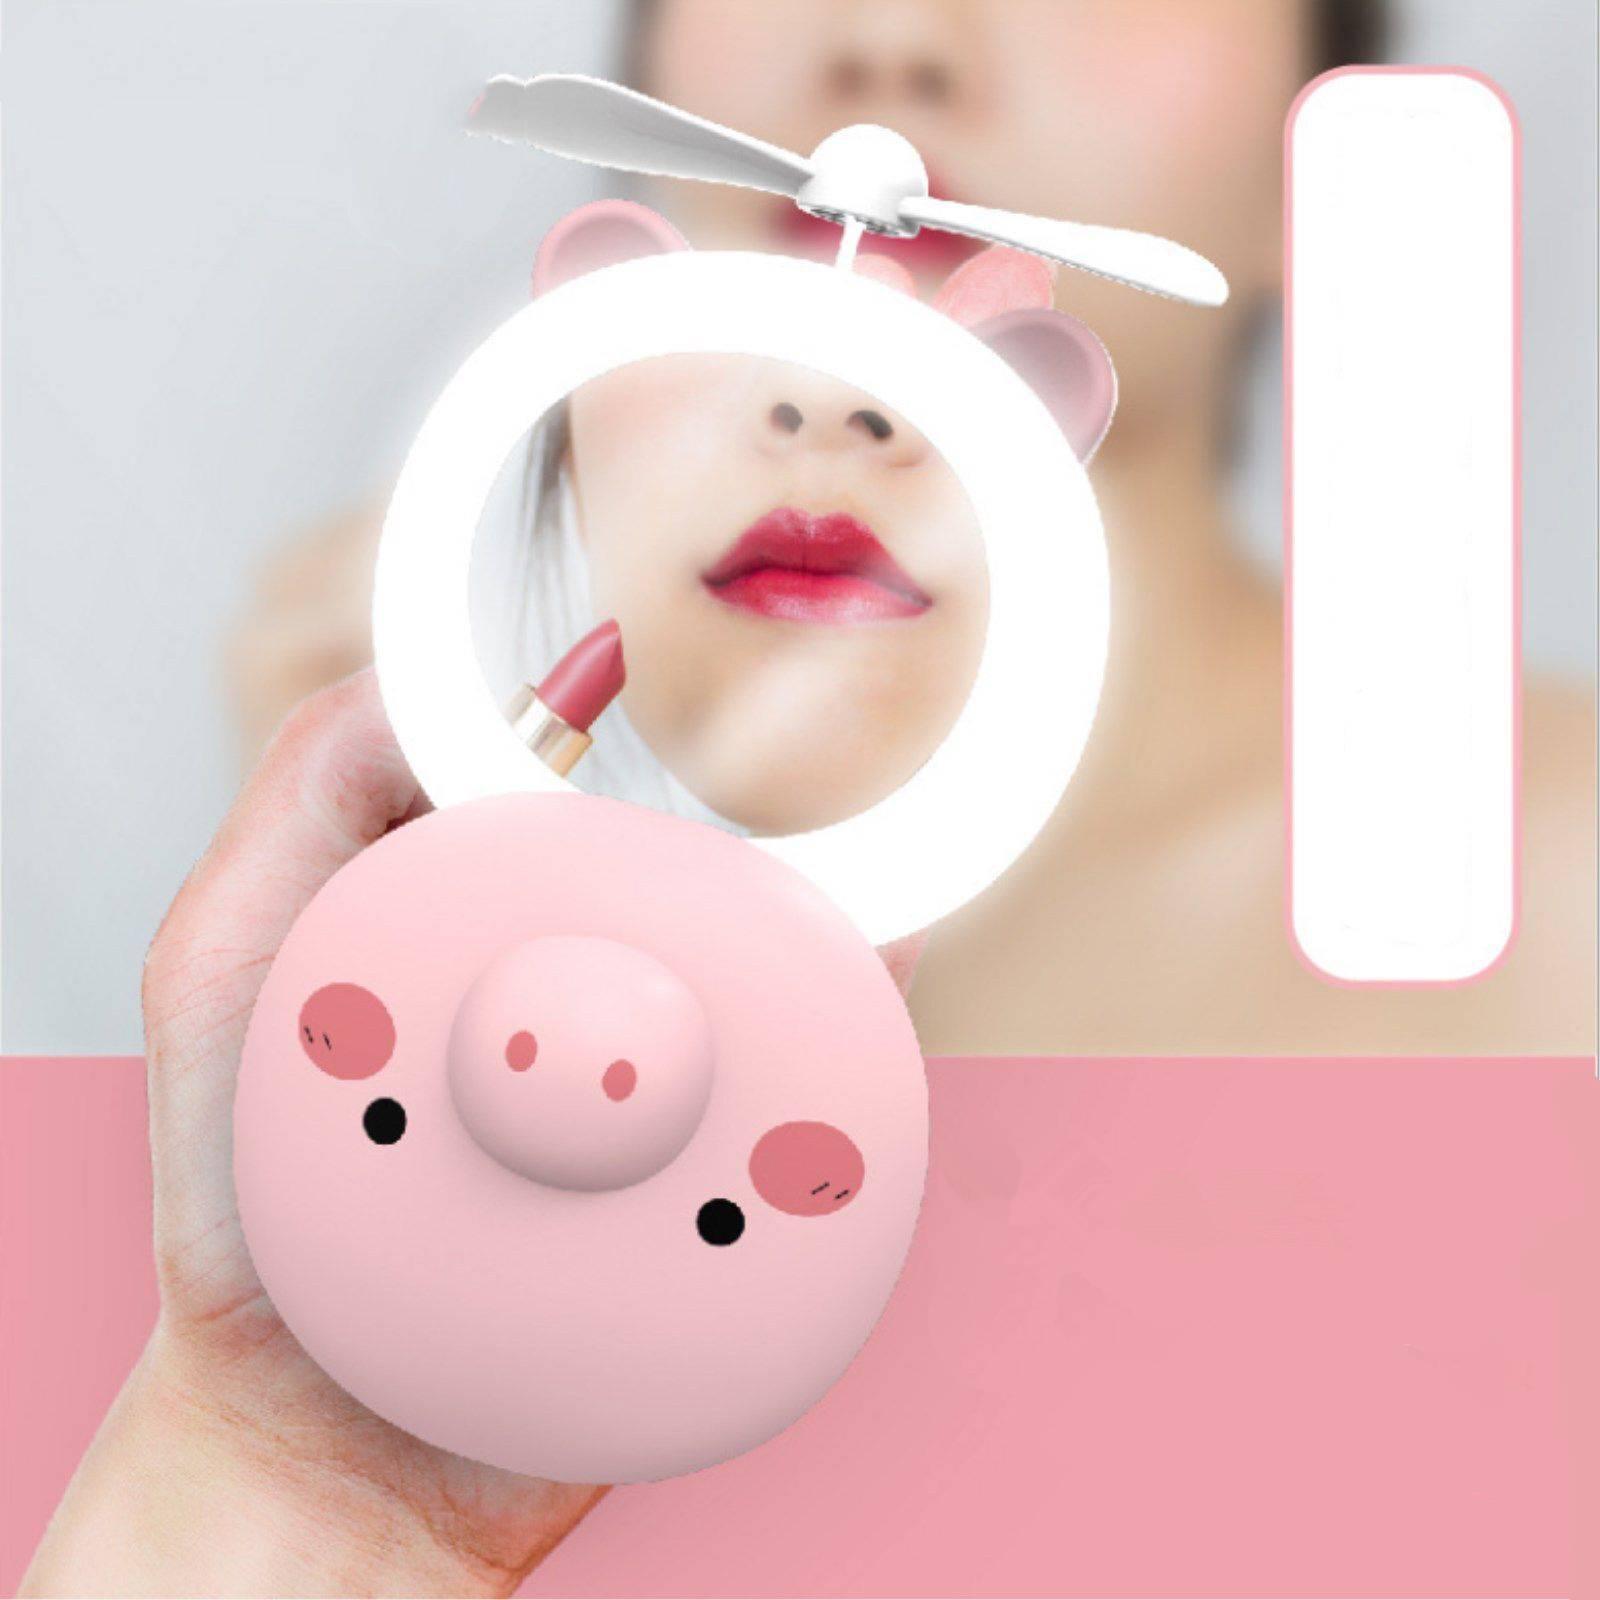 小猪抖音网红迷你风扇美妆镜USB充电LED补光灯手持便携式风扇